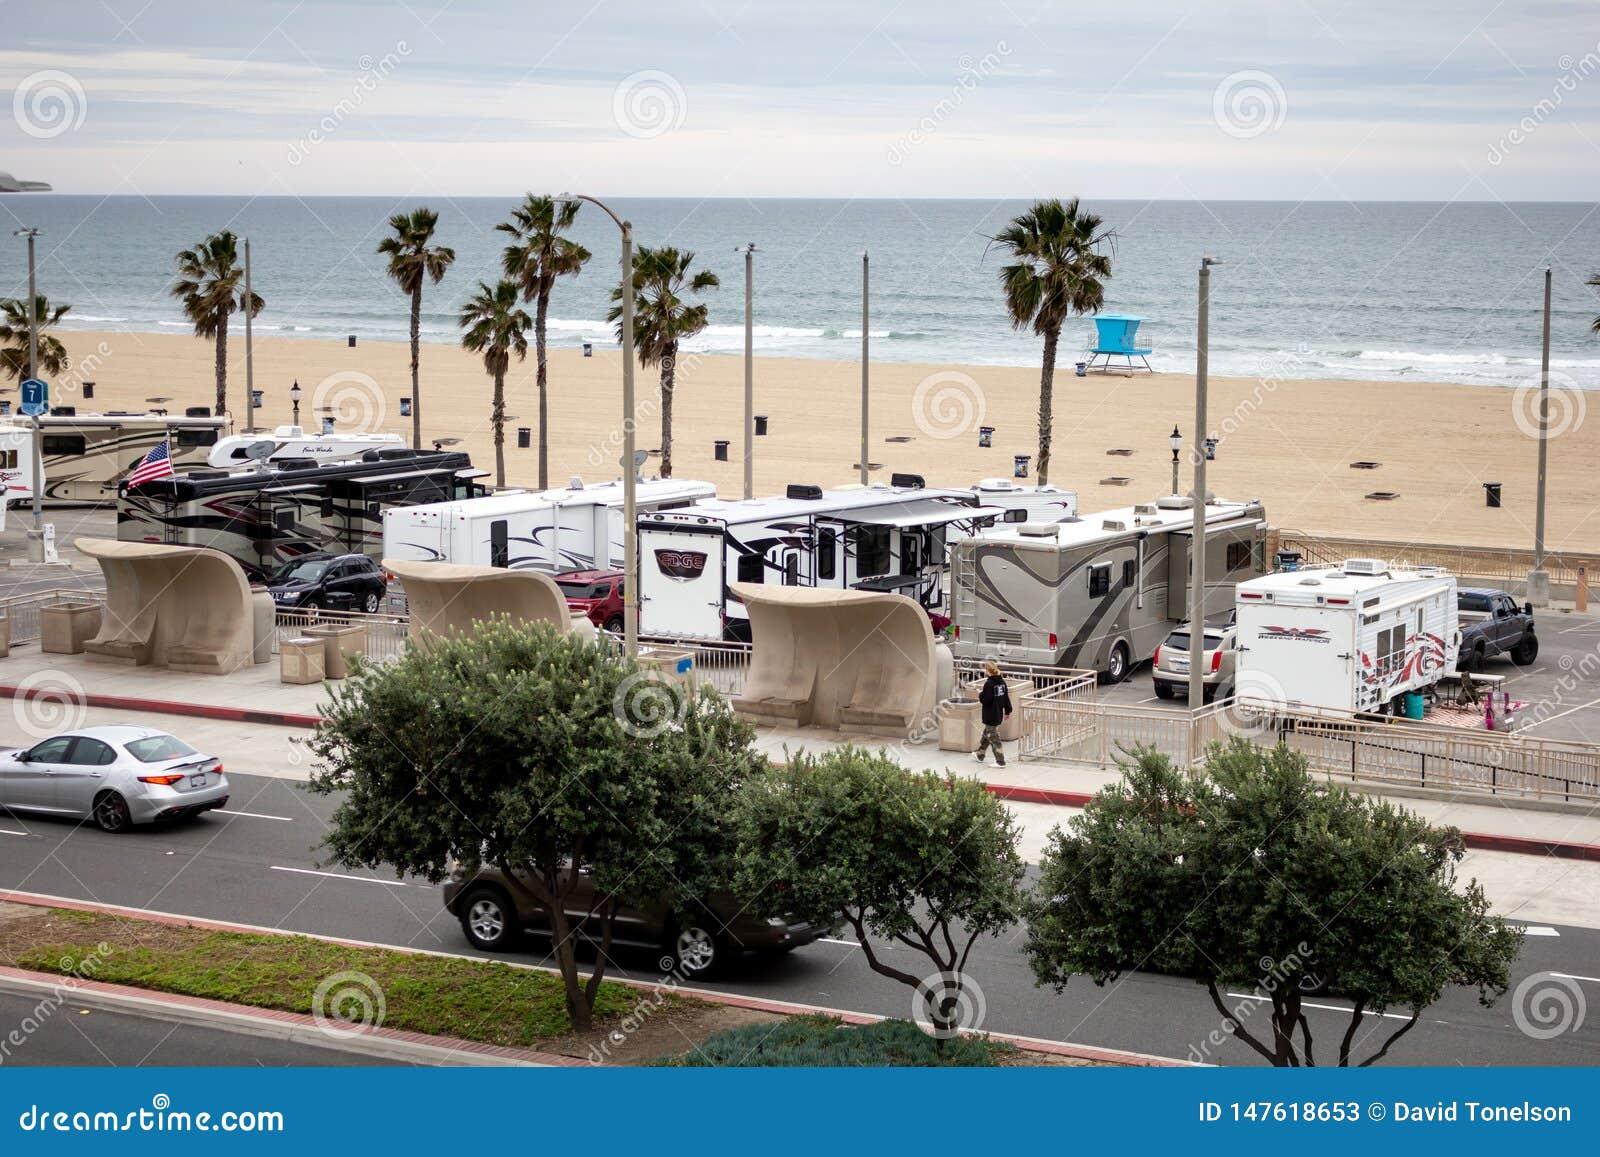 Vehículos de rv en un estacionamiento de la playa